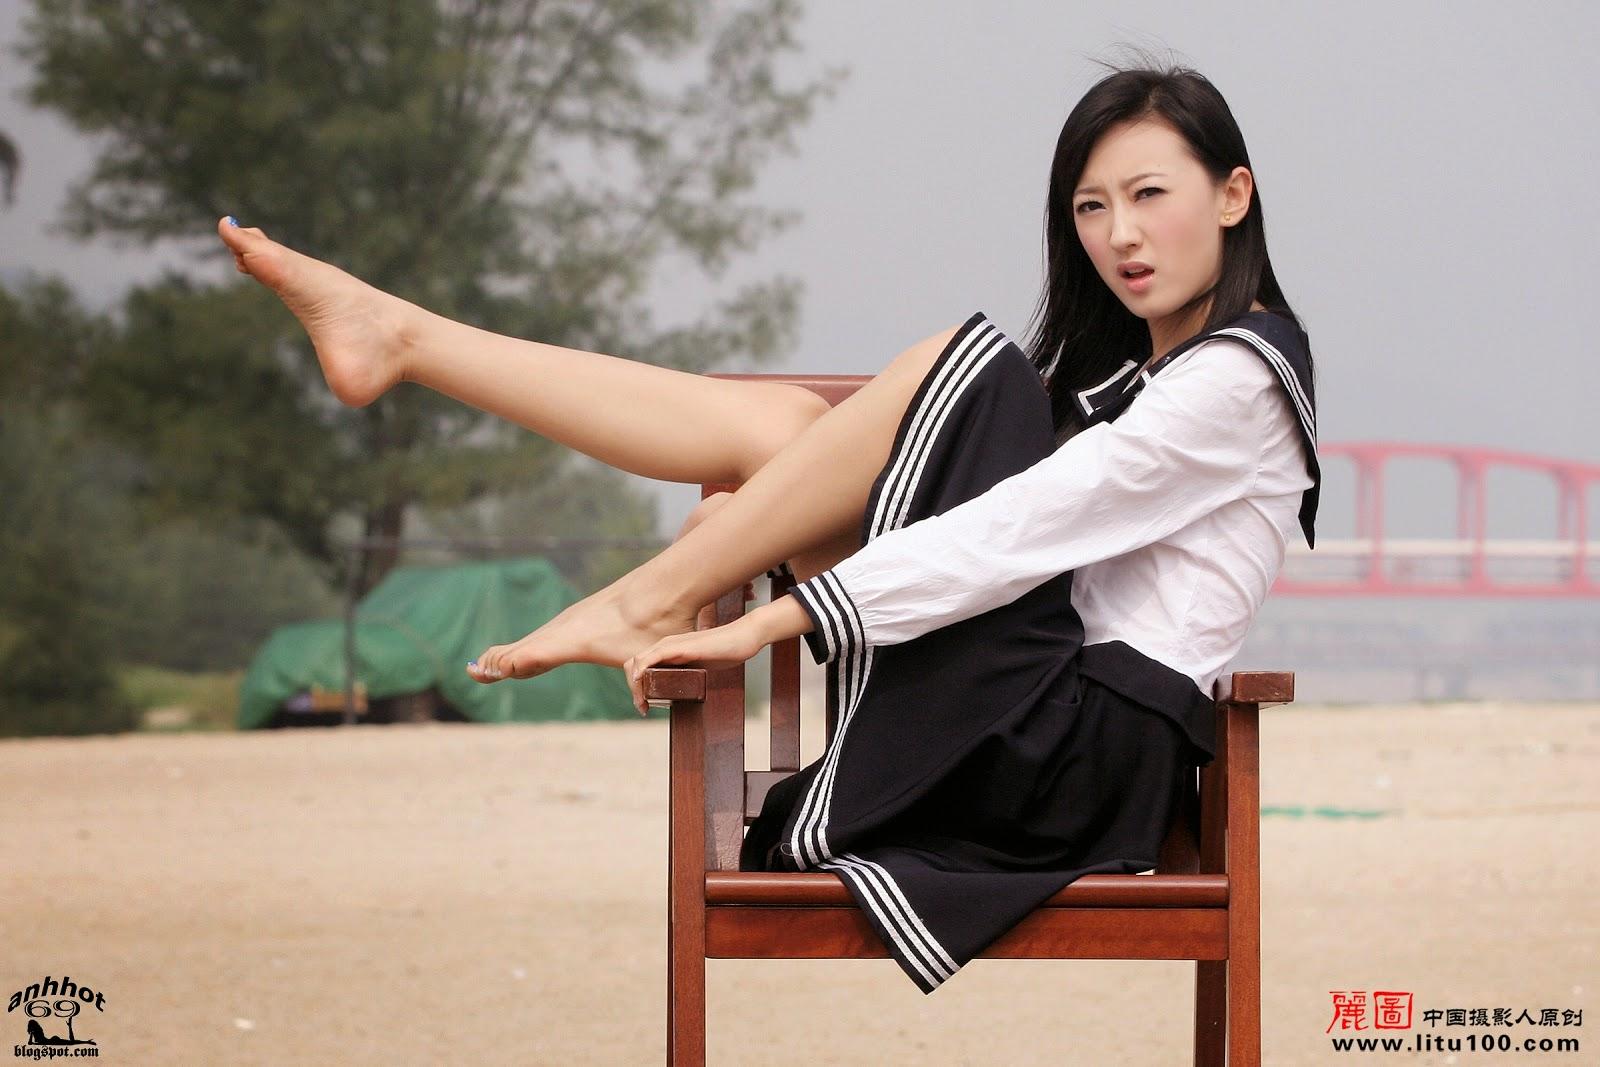 litu-200600819-zhang-tian-yi-sea_IMG_6241